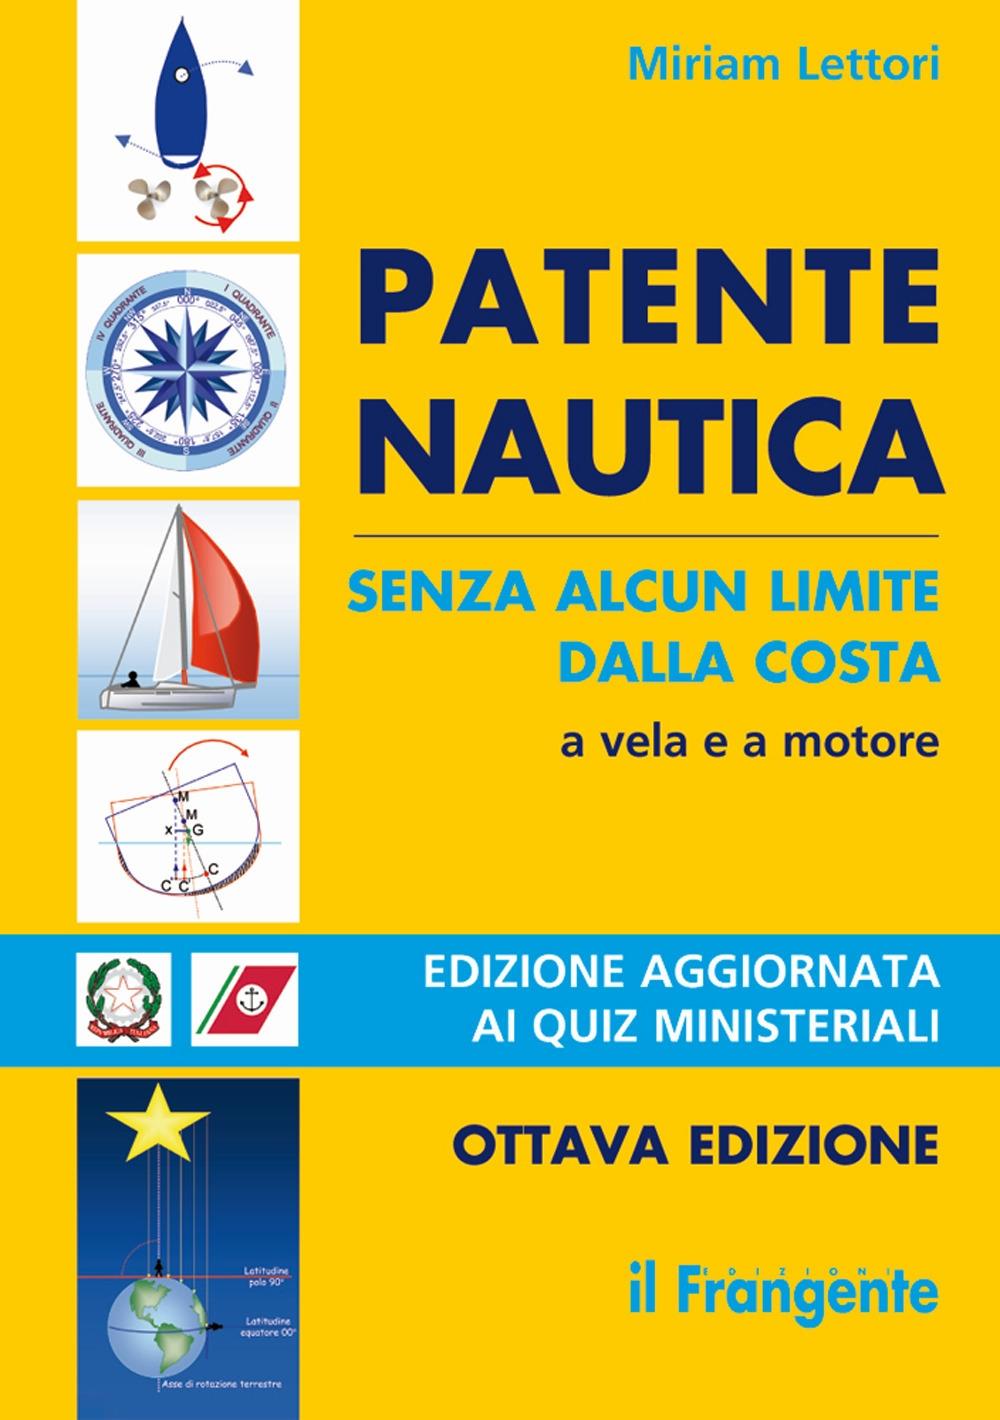 Patente Nautica Senza Alcun Limite dalla Costa a Vela e a Motore. (MF 59).